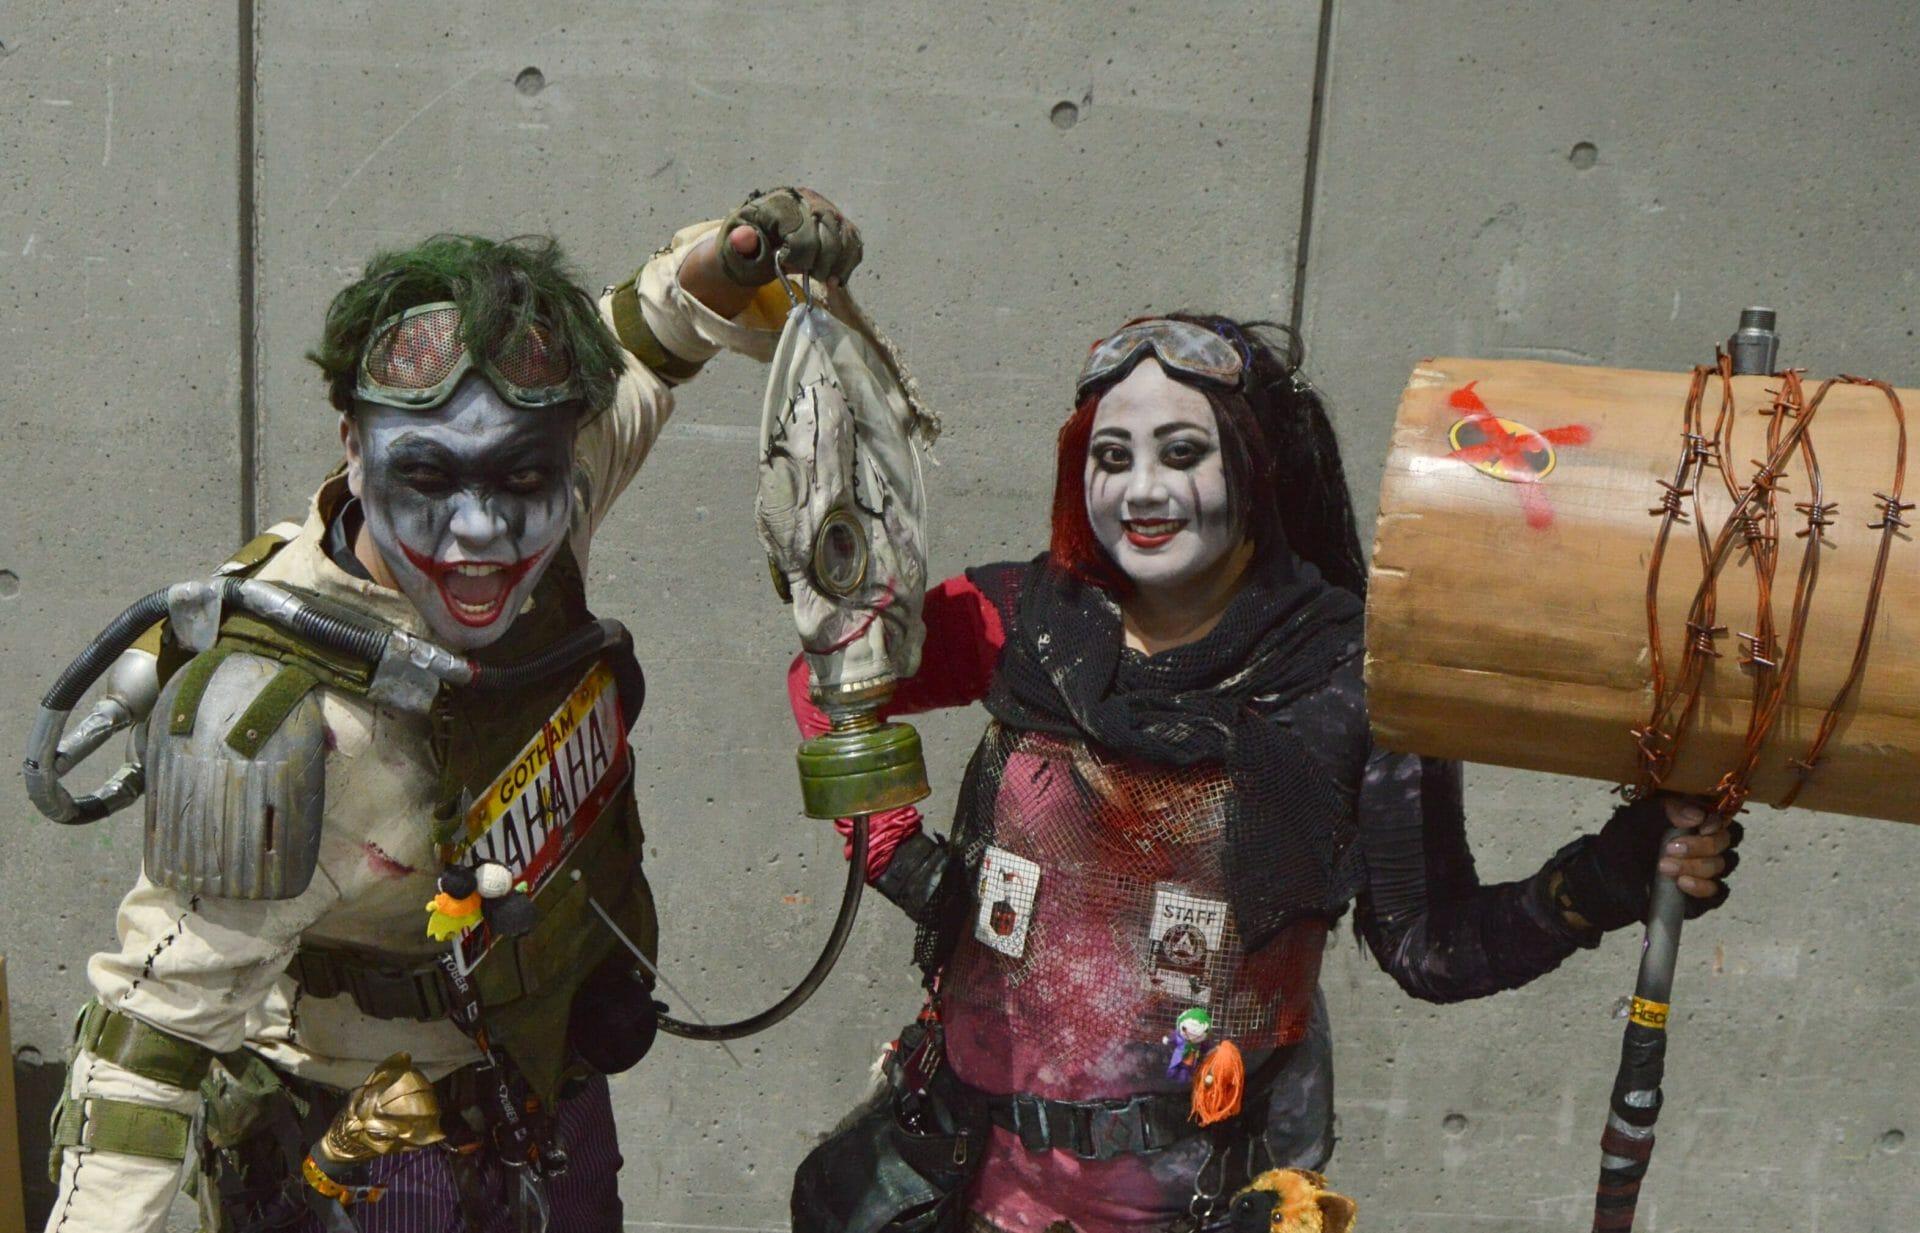 Apocalypse Joker and Harley